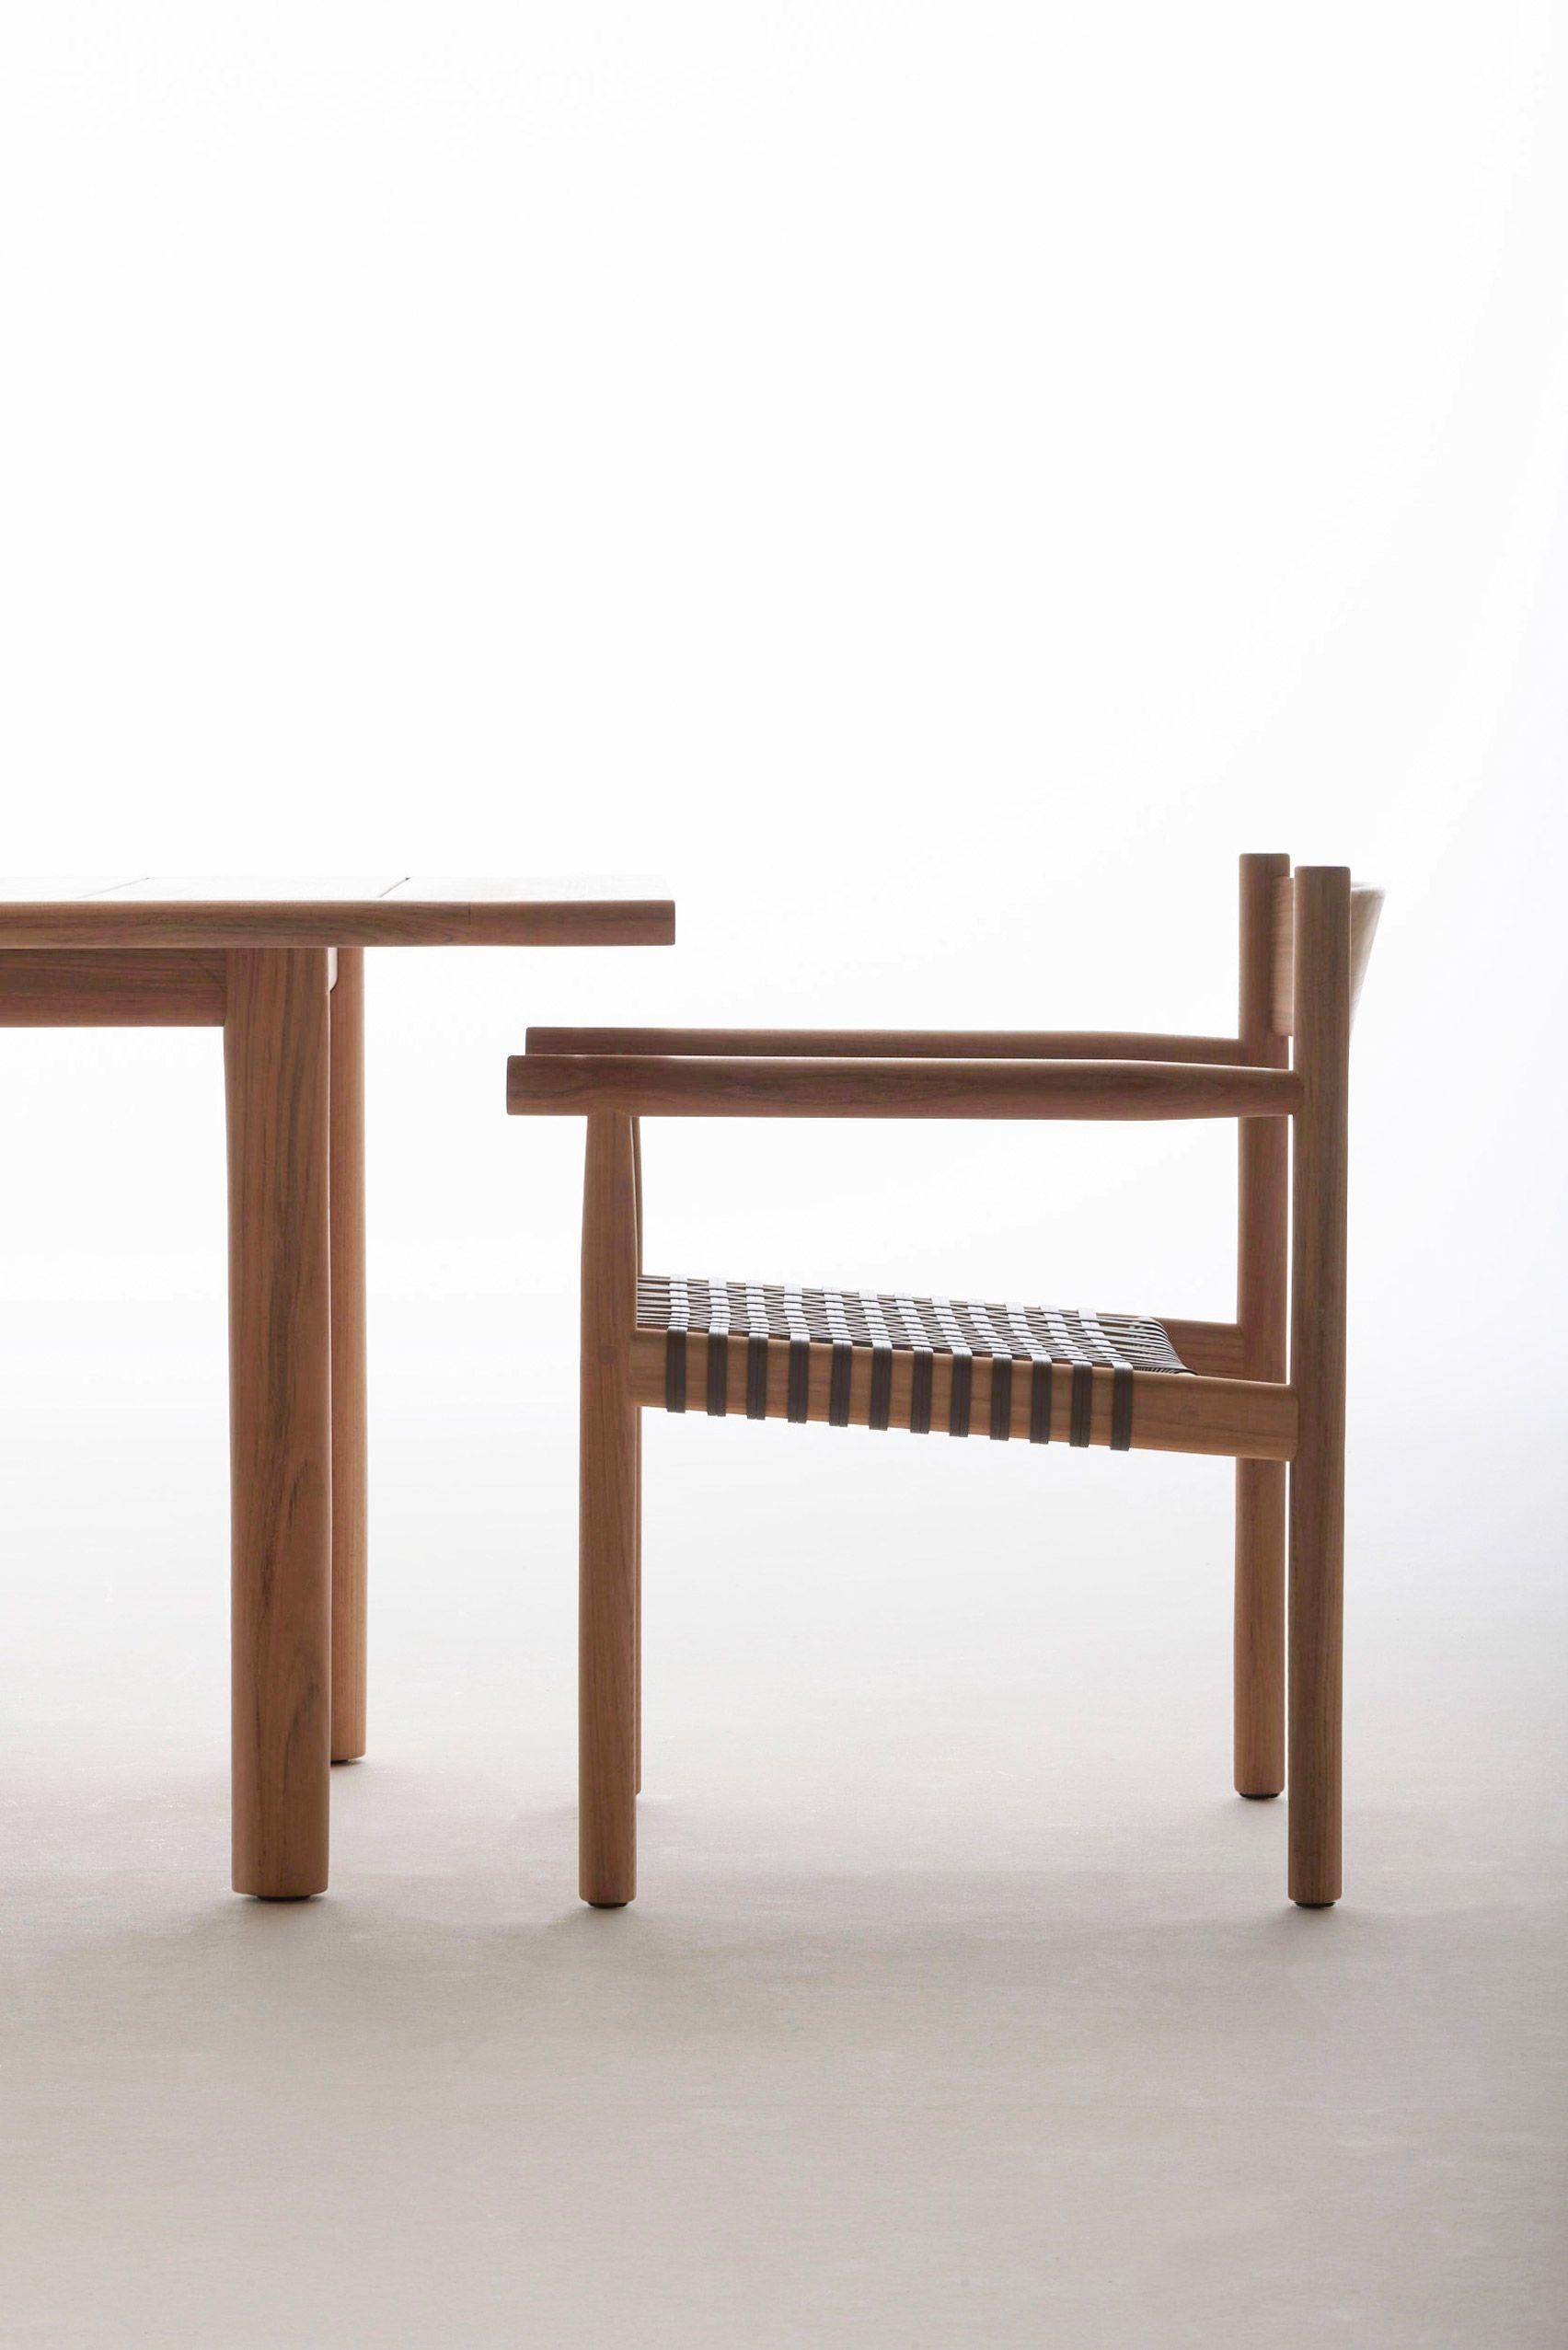 Holzmöbel design  Pin von p s auf 003 objects | Pinterest | Außenmöbel, Frisöre und ...